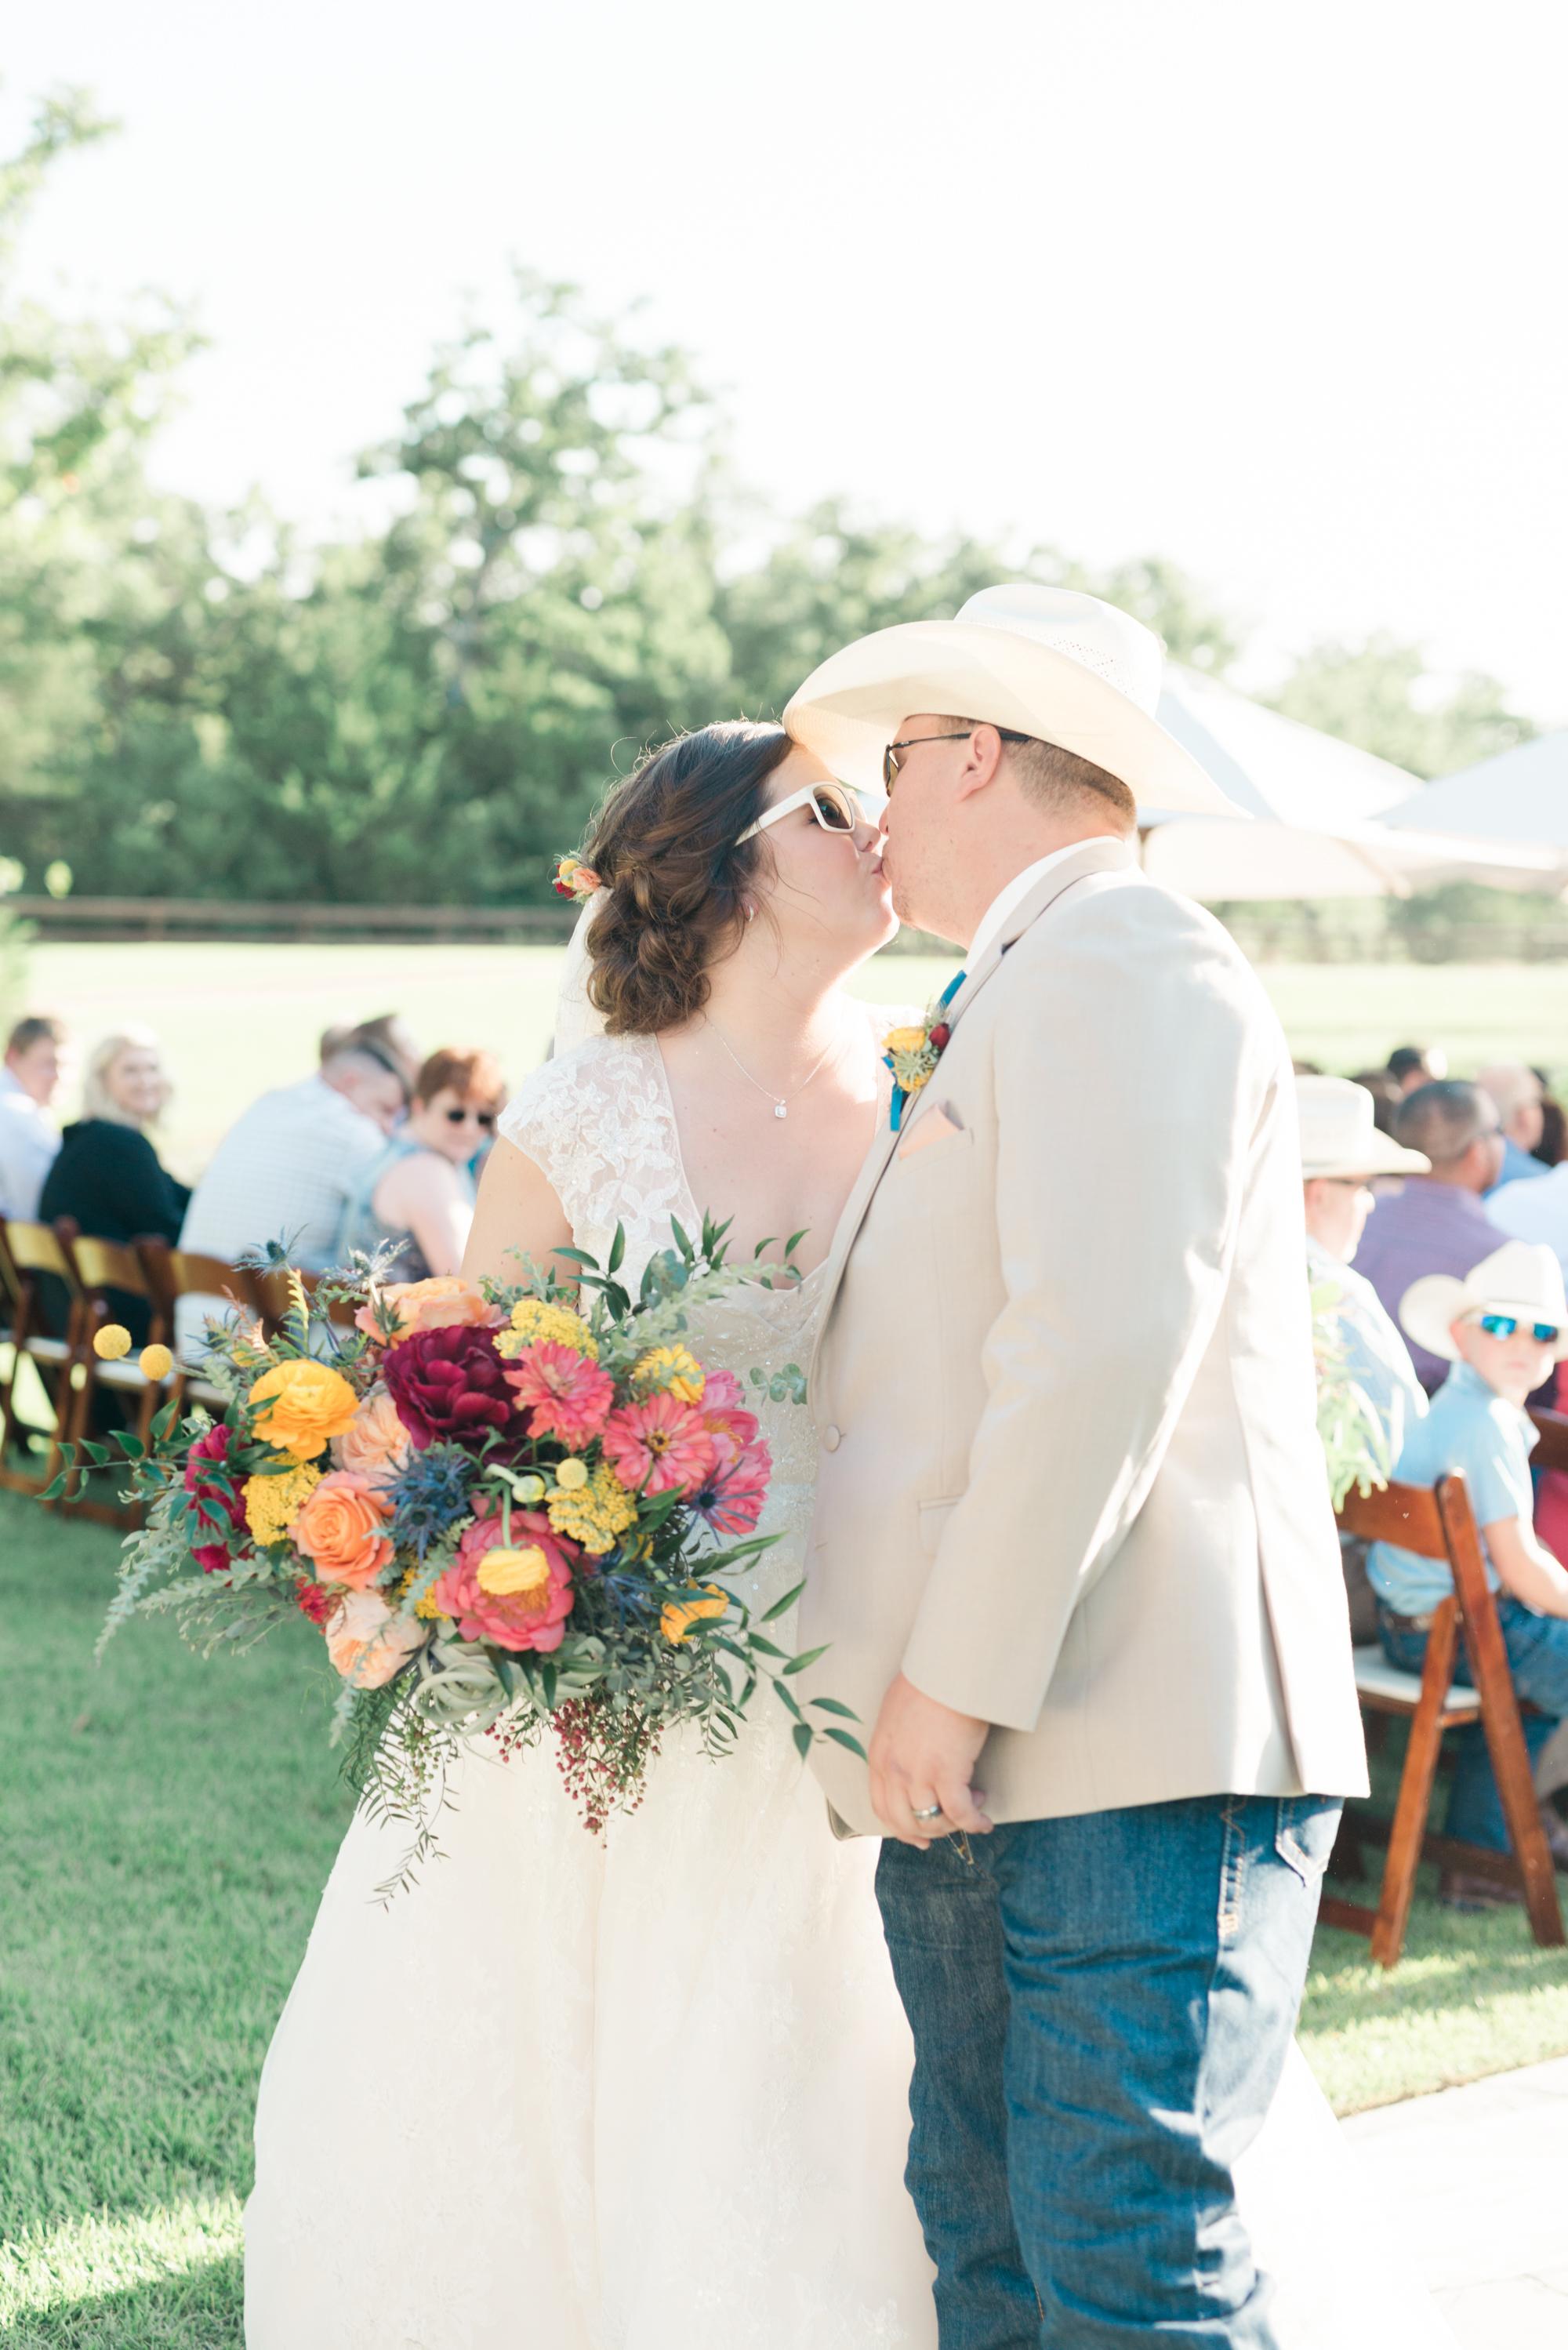 Wesley-Wedding-Ten23-Photography-586.jpg